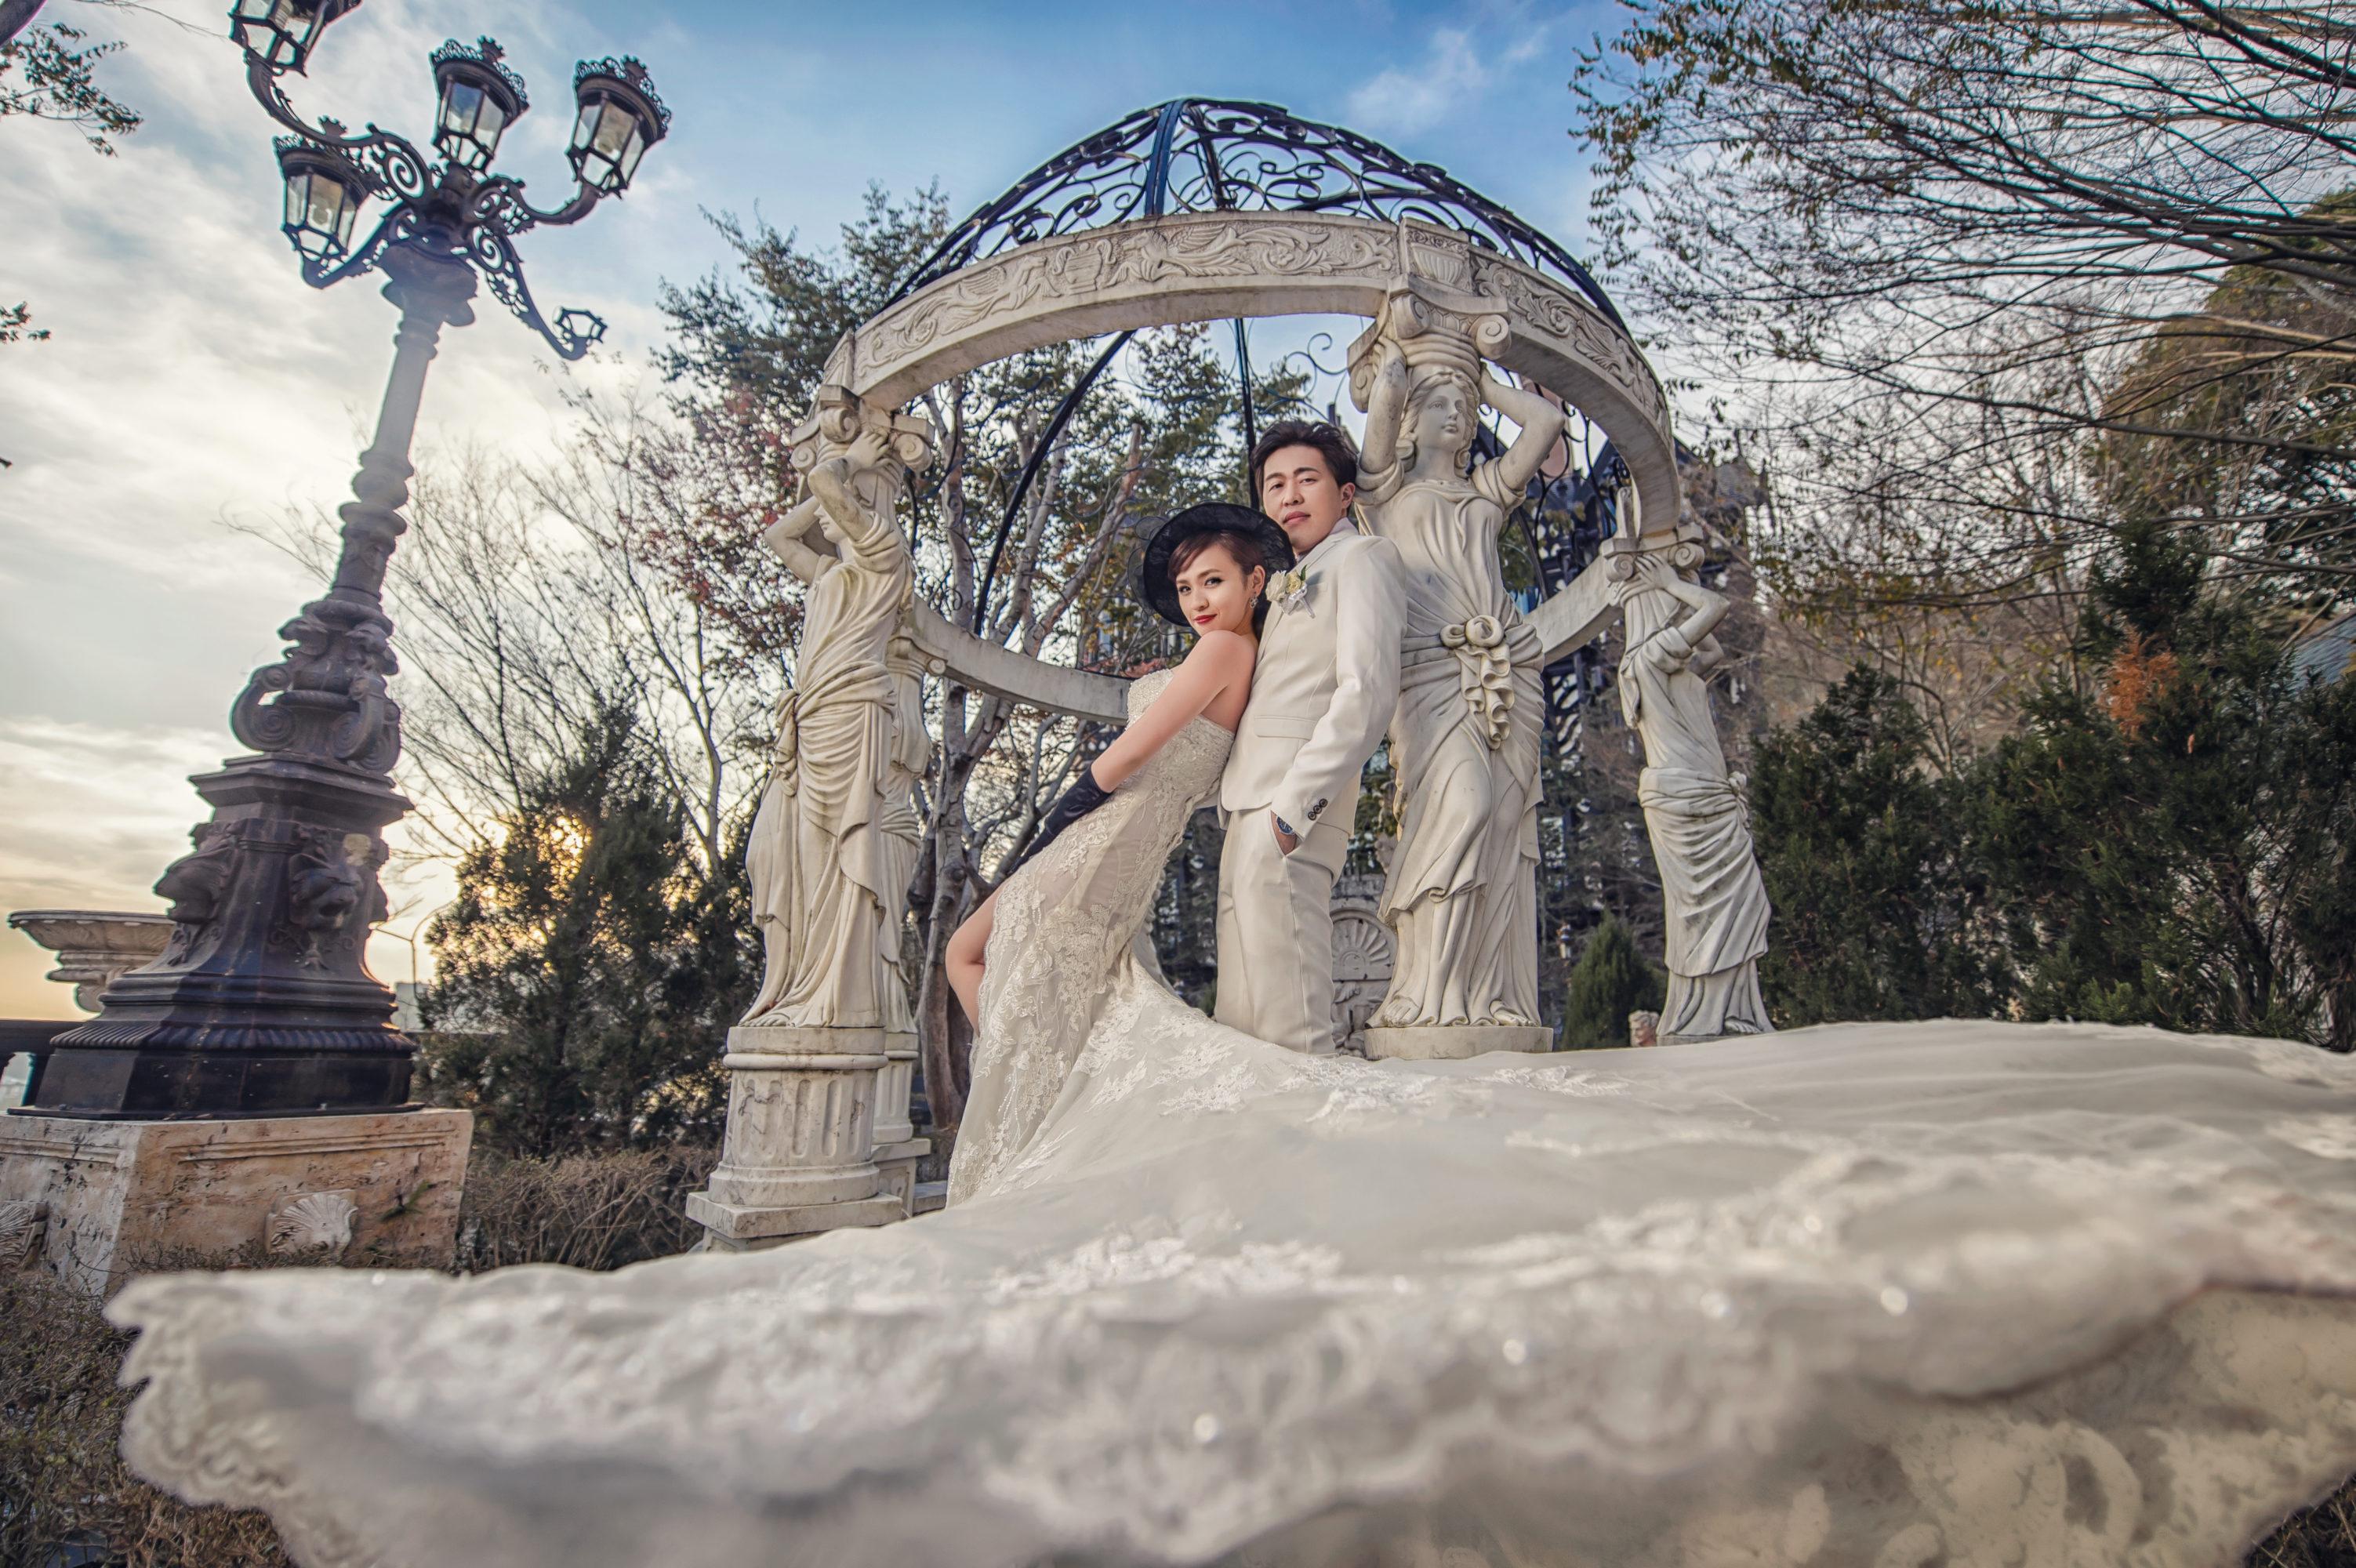 海外婚紗攝影 服務內容說明